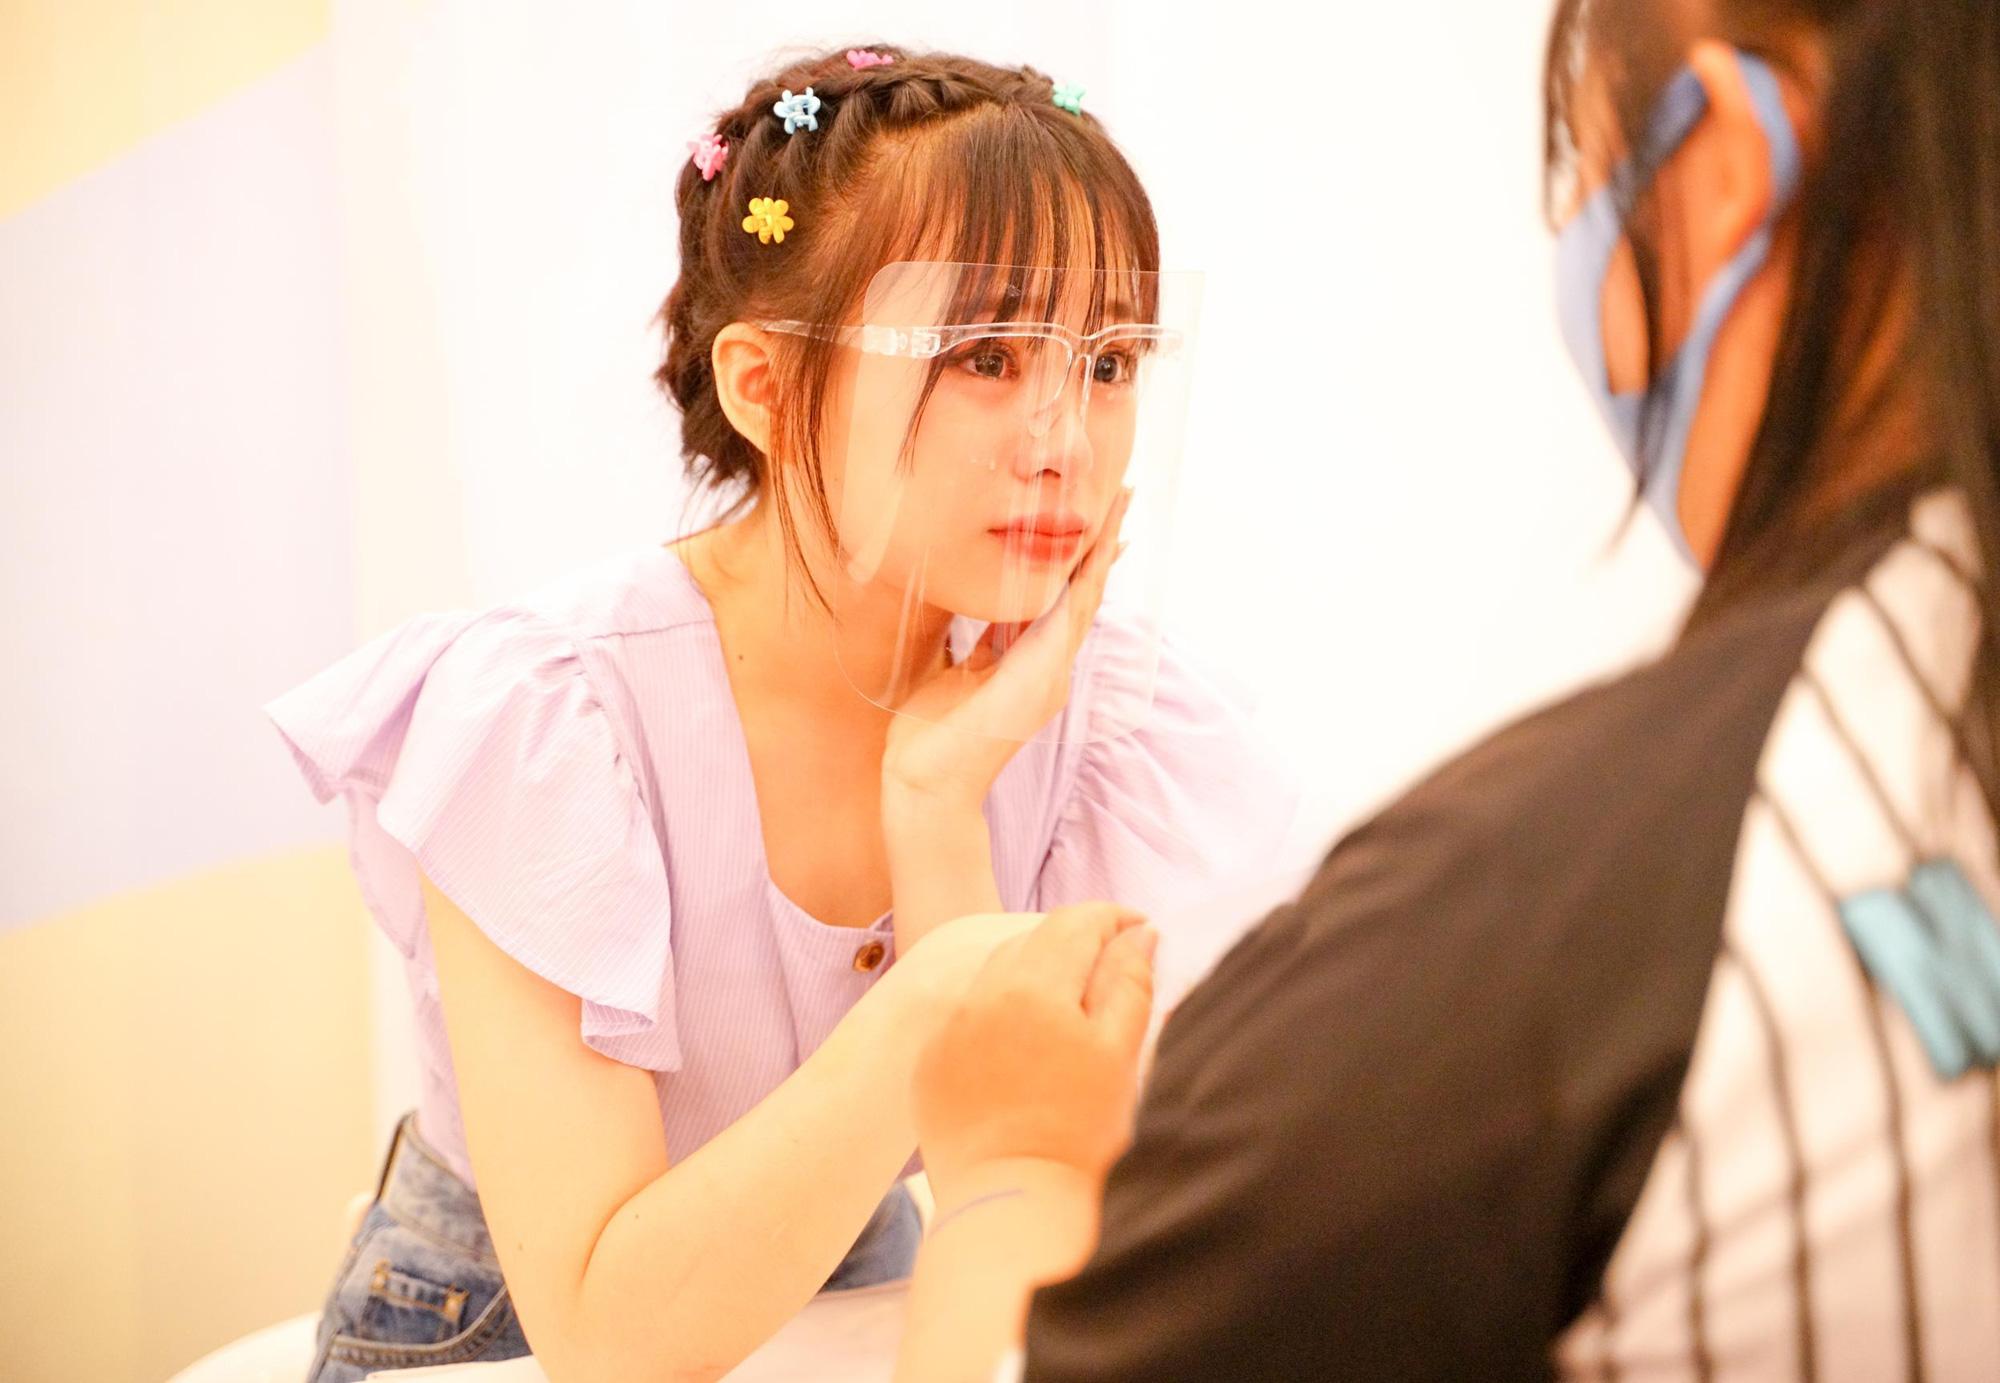 Lệ Trang chiến thắng ở sự kiện Handshake của SGO48, chính thức lọt top 16 trong single tiếp theo! - Ảnh 8.